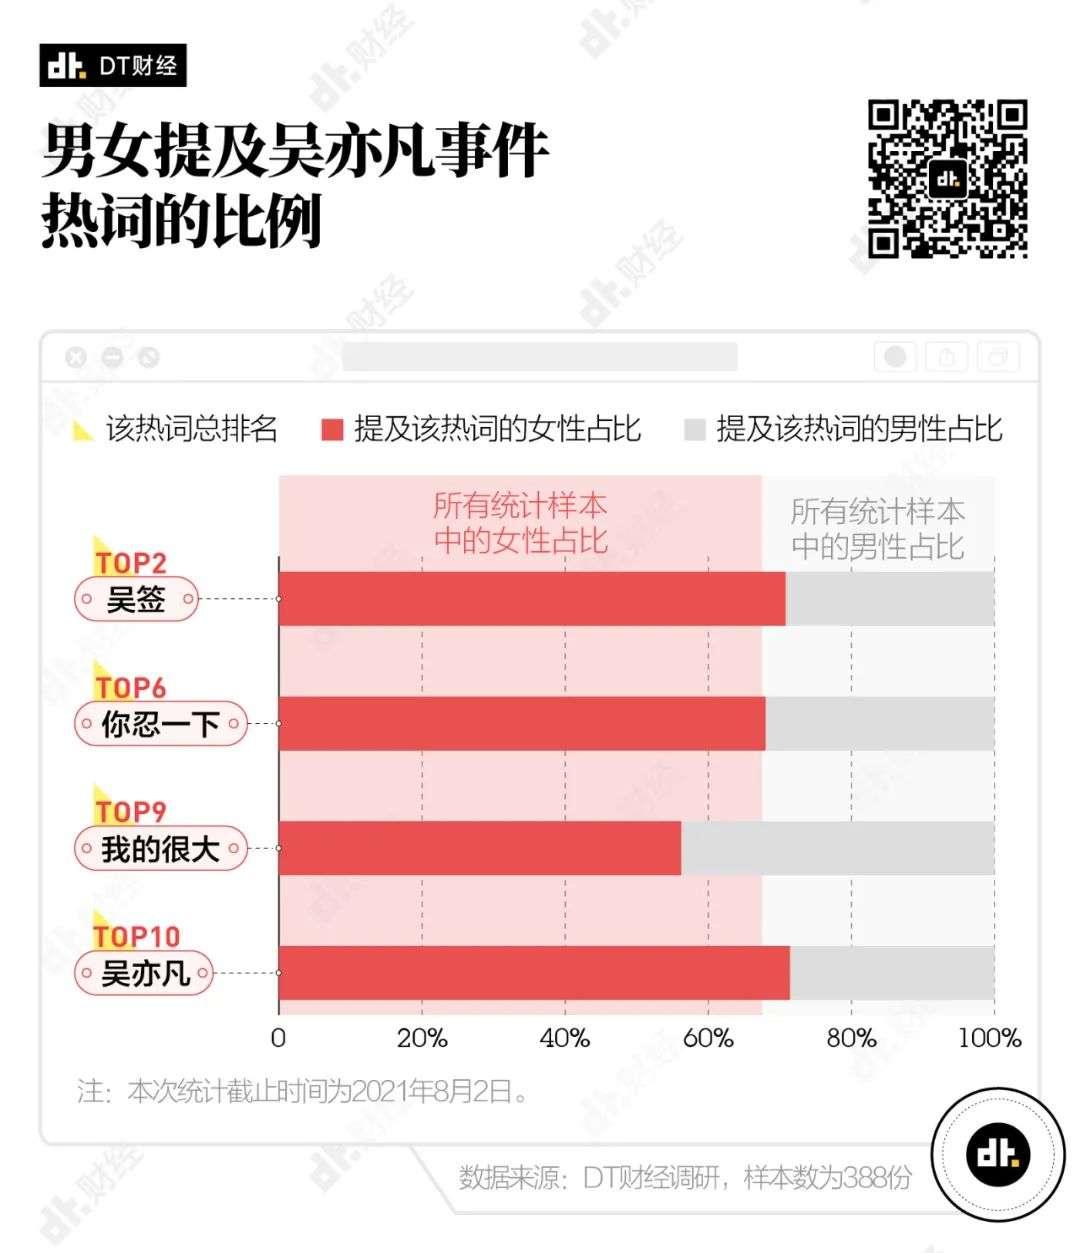 7月热词流行词调研:绝对优势、吴亦凡……插图5